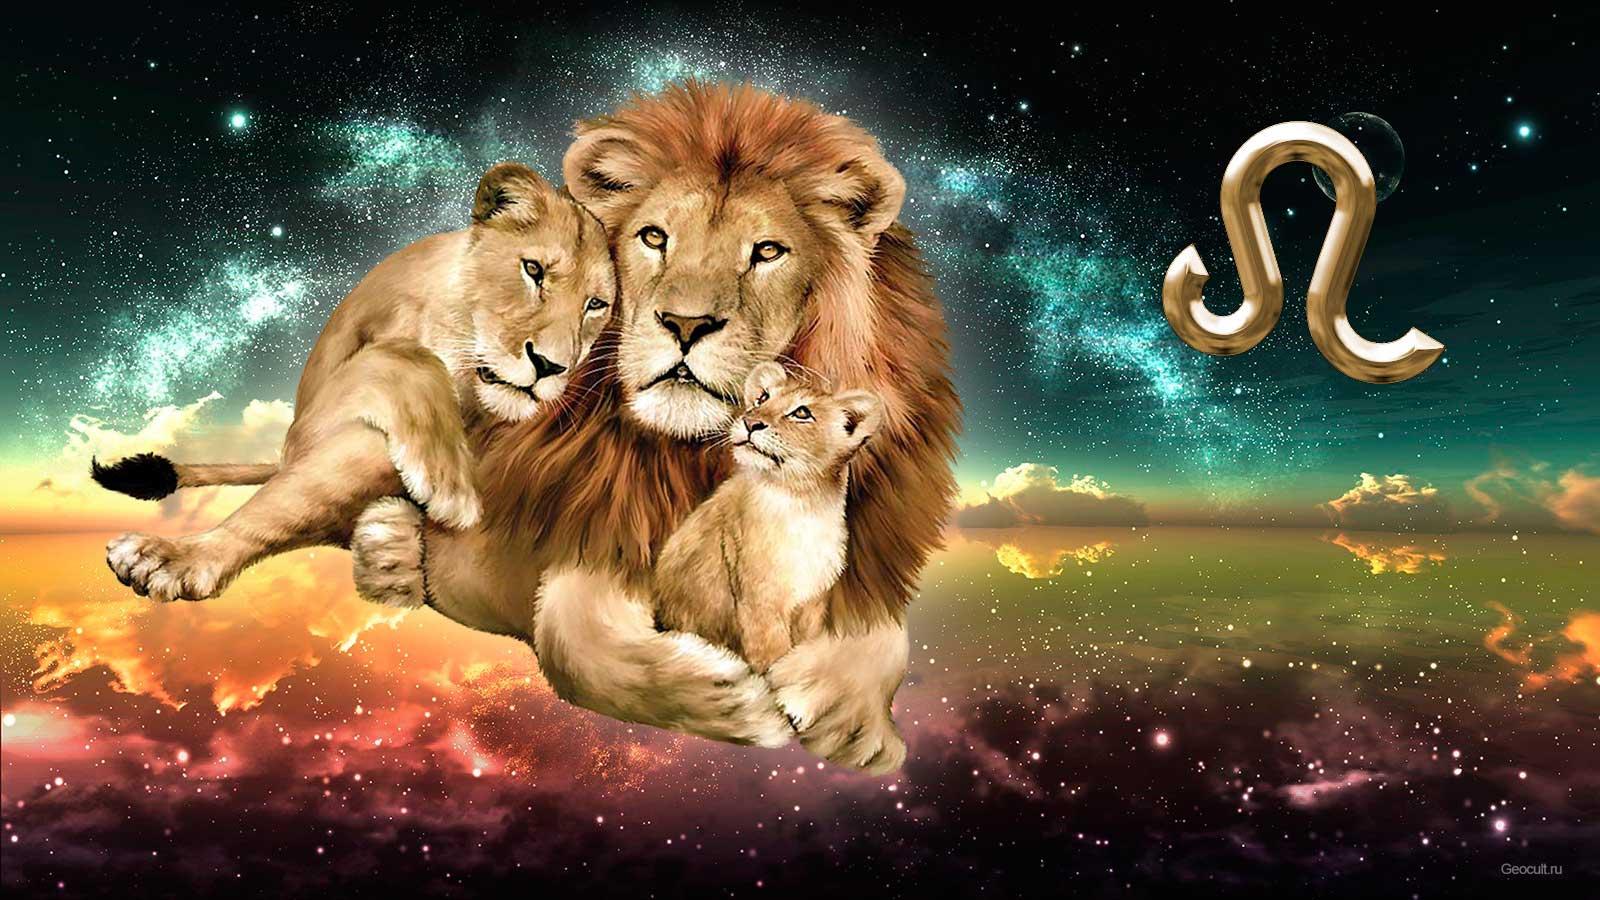 гороскоп львы со львами